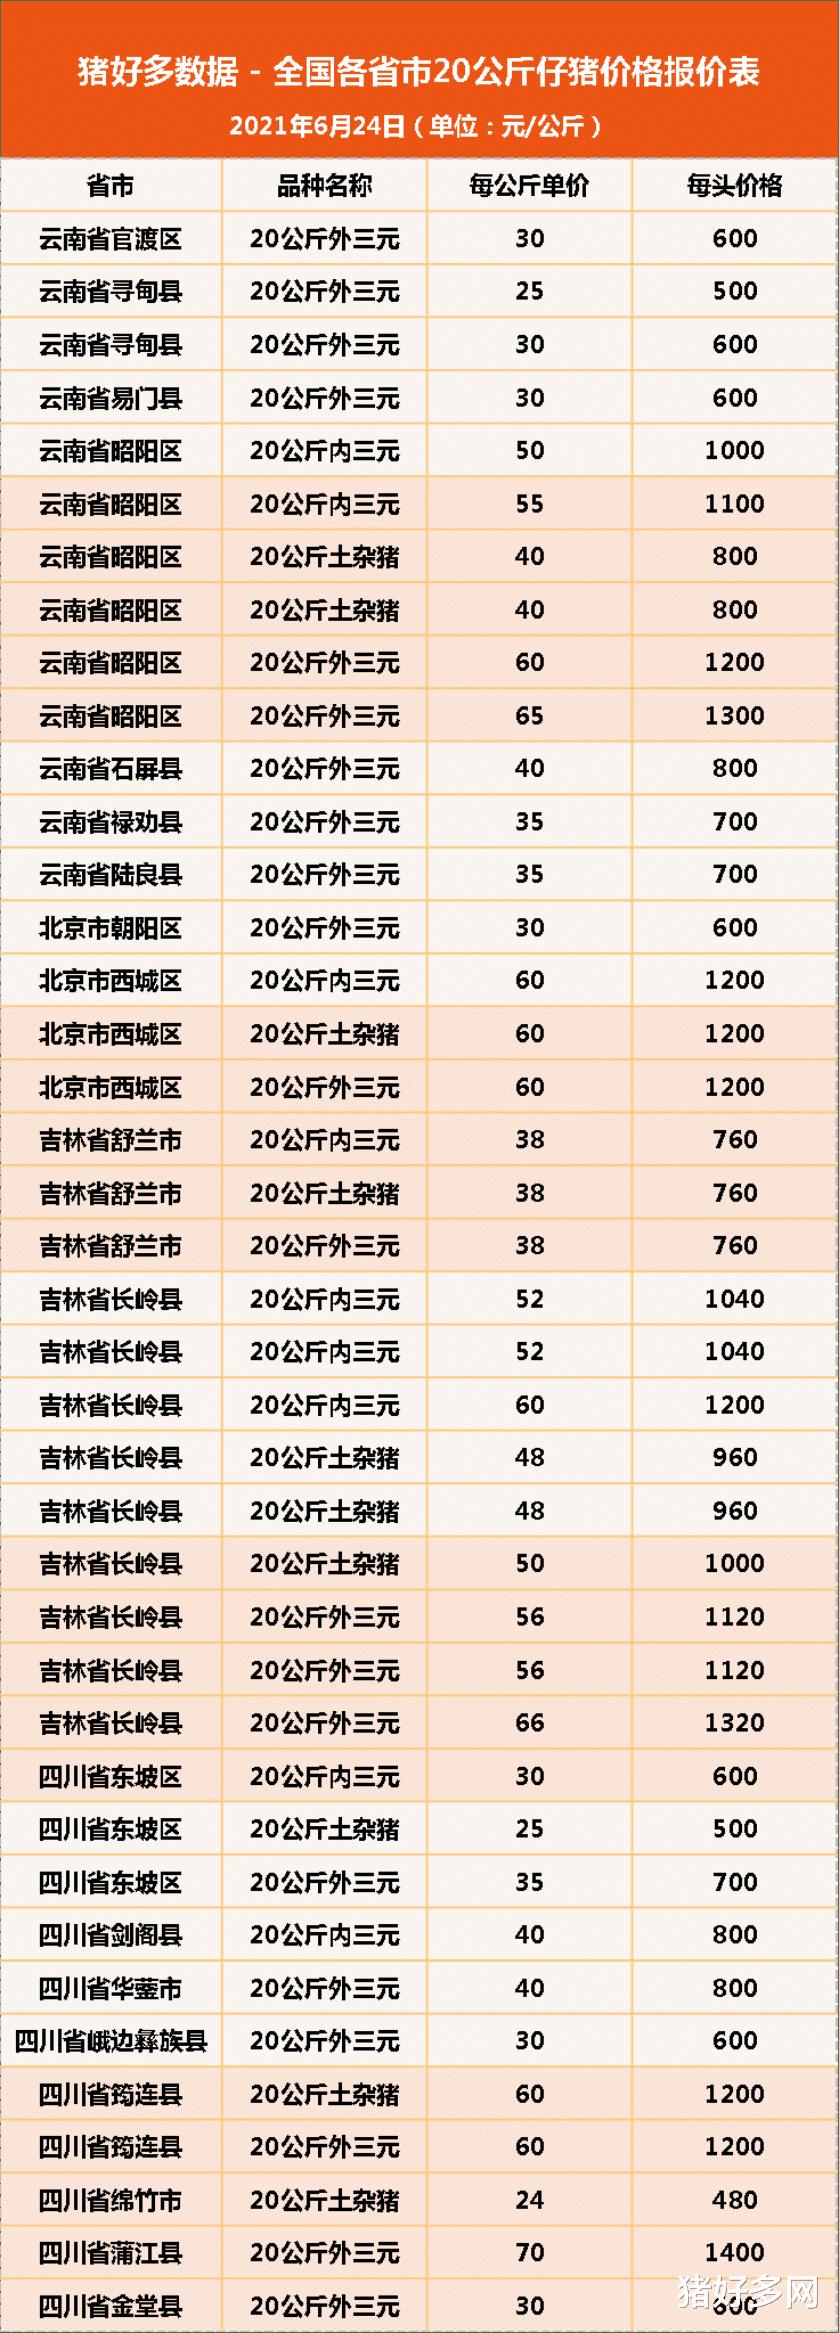 """6月24日20公斤仔豬價格,豬市""""踩踏不斷"""",仔豬跌""""上癮""""瞭?-圖5"""